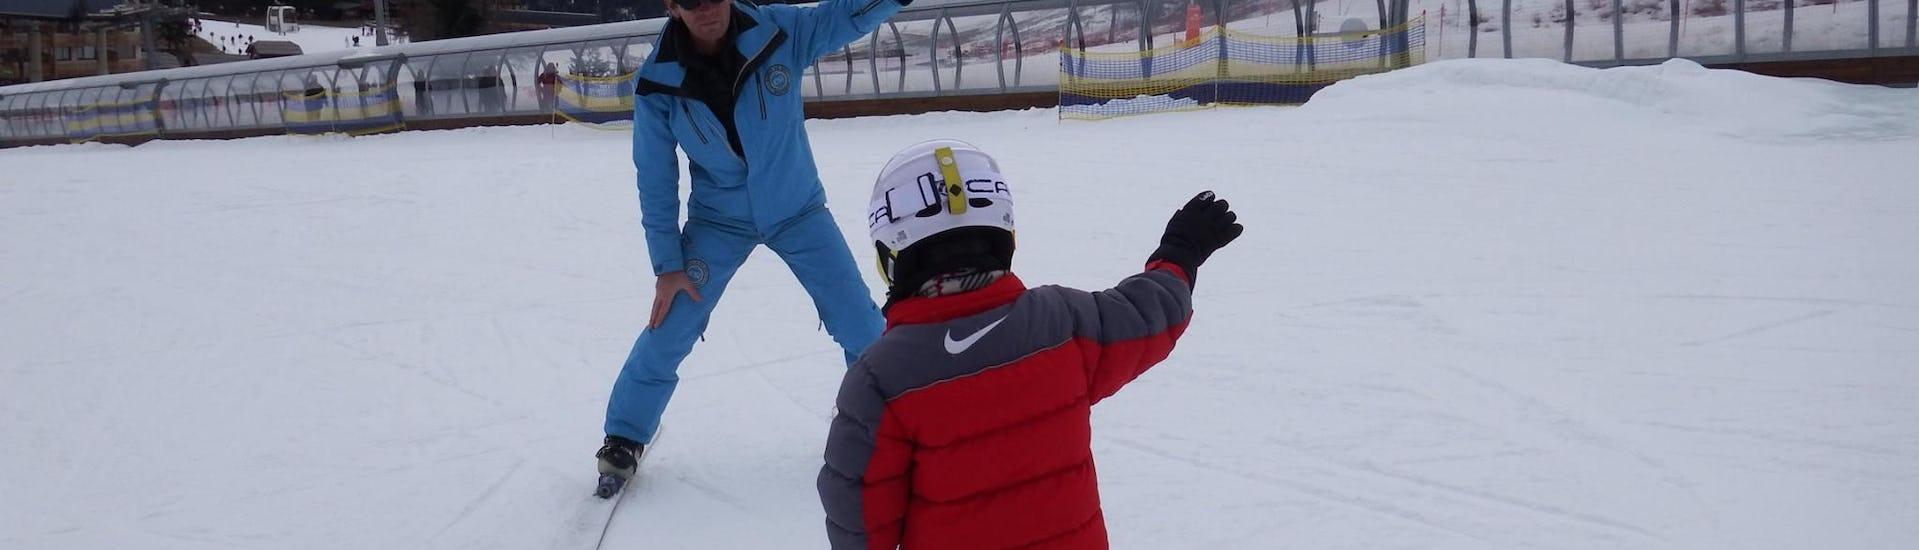 Moniteur de Ski Privé pour Enfants (3-4 ans) - Tous Niveaux